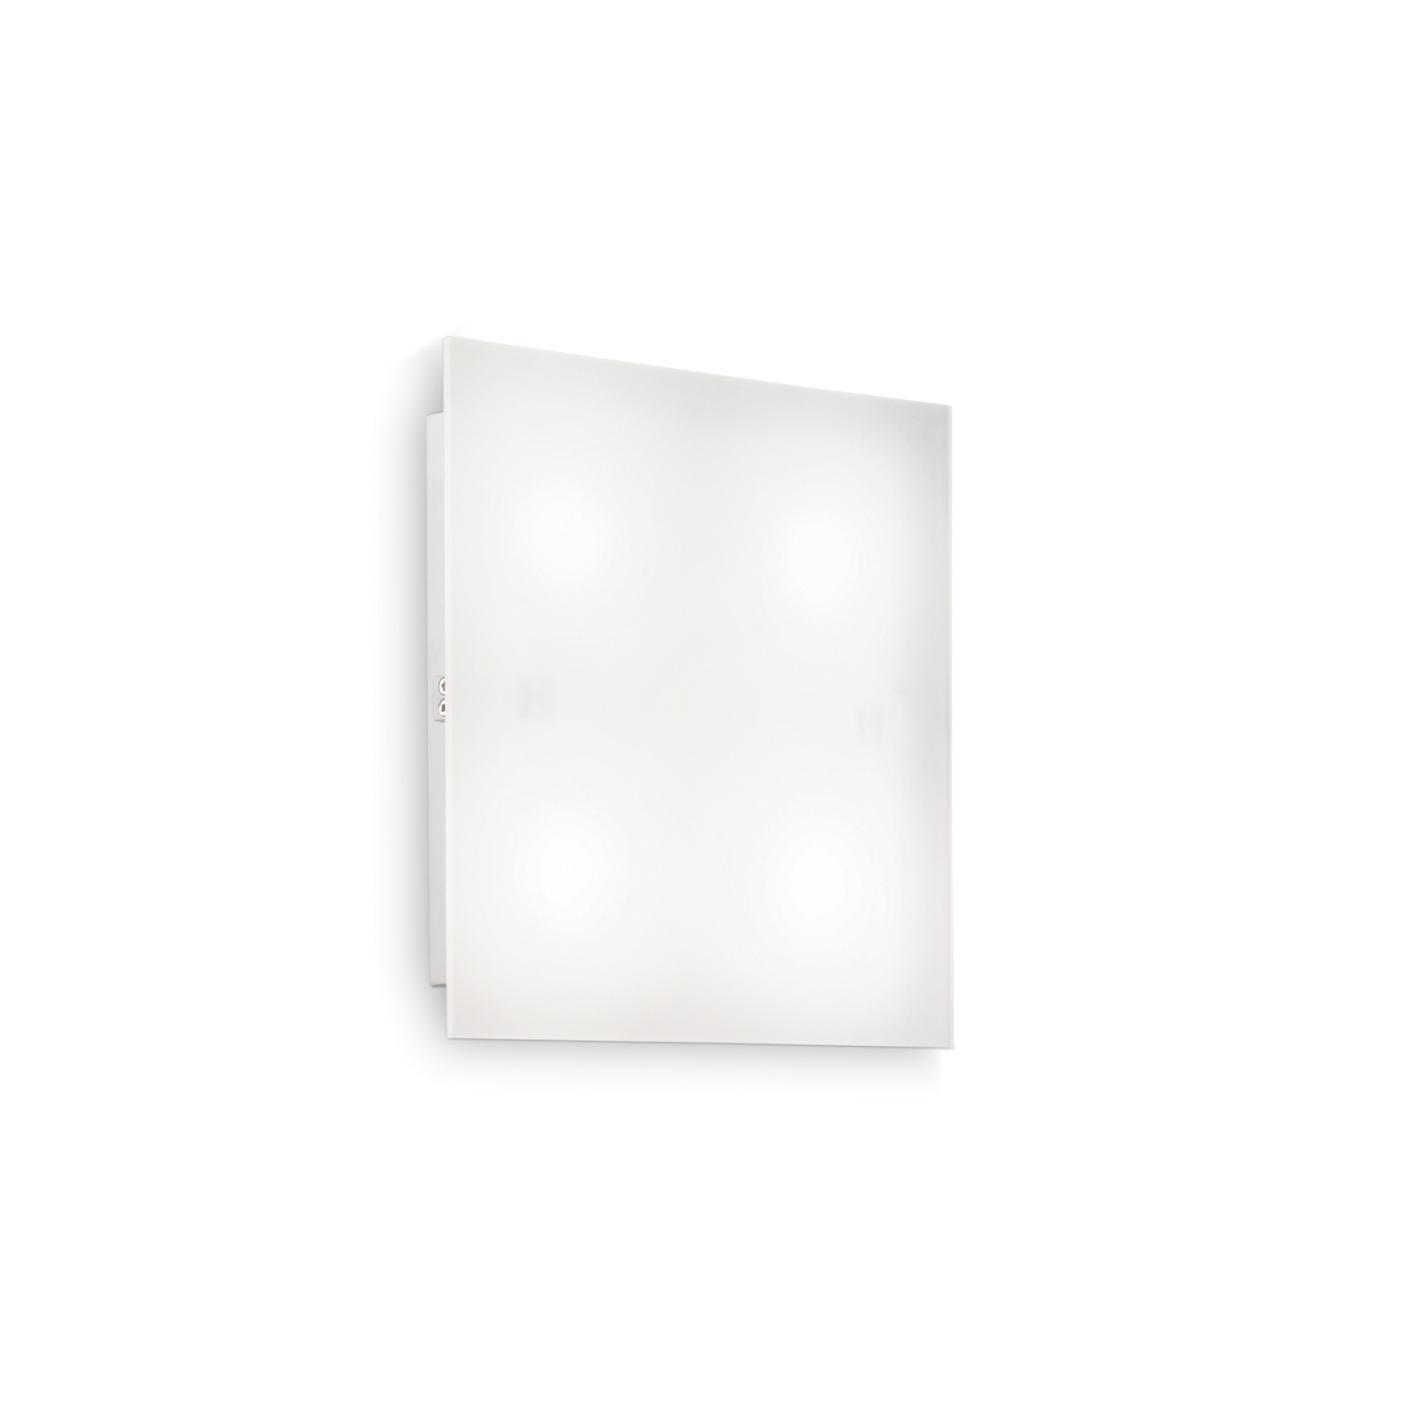 Ideal Lux IL 134888 FLAT PL1 svítidlo + 3 roky záruka ZDARMA!